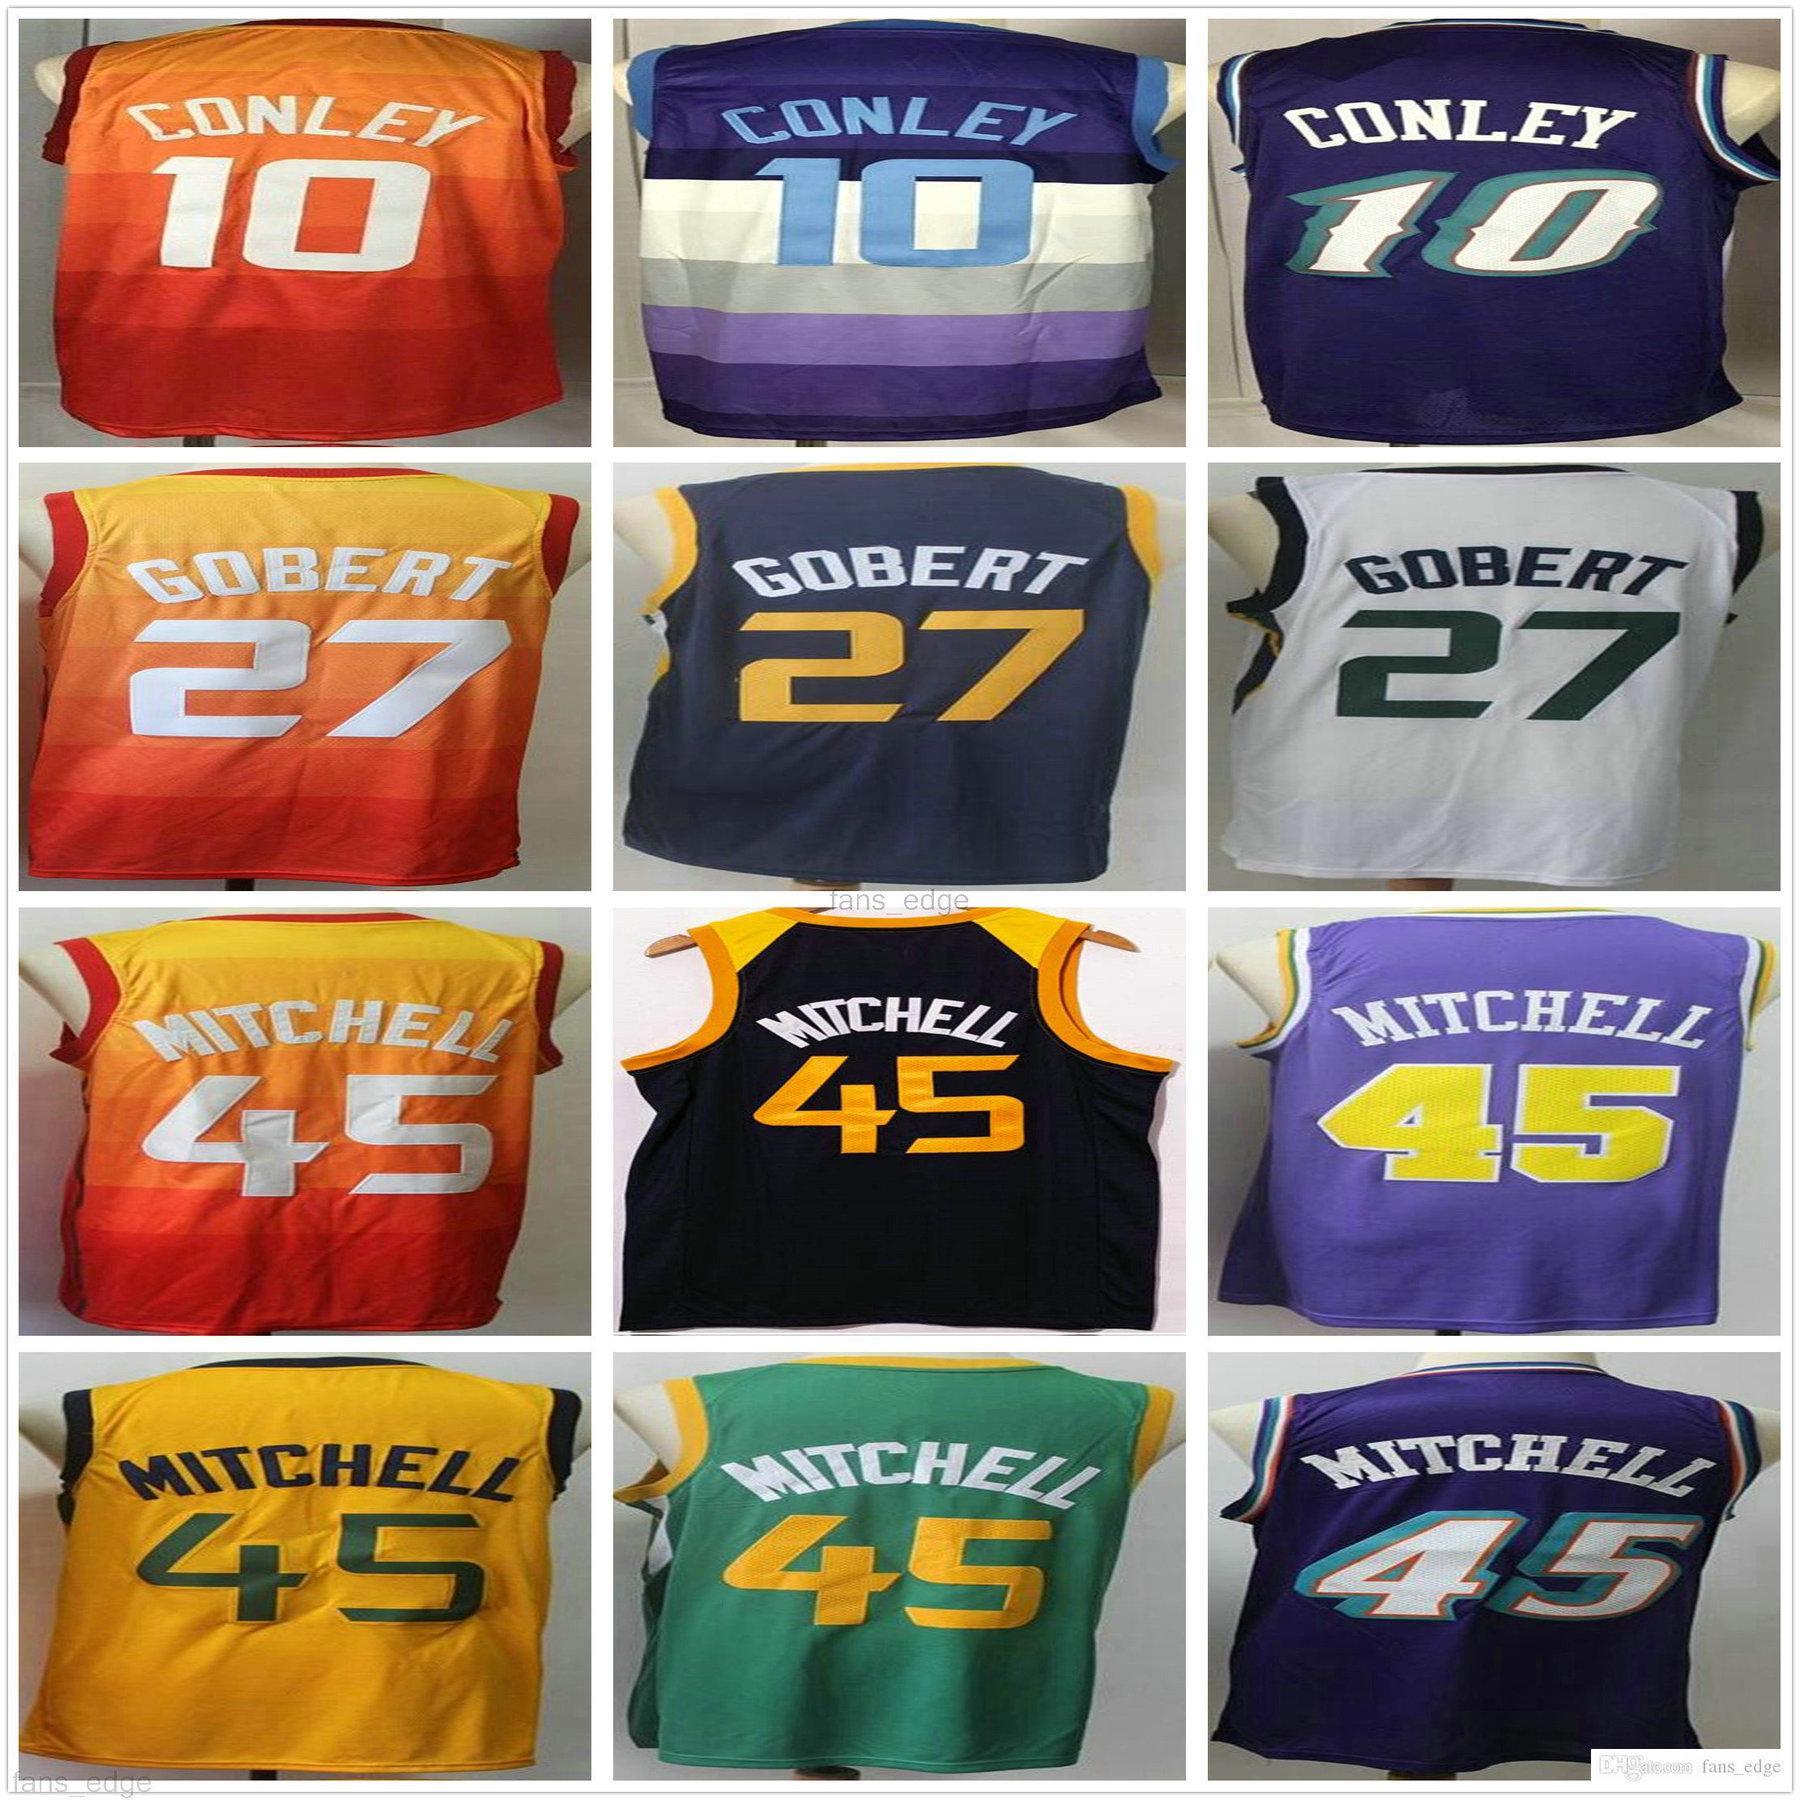 NCAA كلية دونوفان 45 ميتشل جيرسي بالجملة رودي 27 جوبيرت مايك 10 كوللي أزرق أبيض برتقالي الأرجواني رجل أعلى كرة السلة الفانيلة